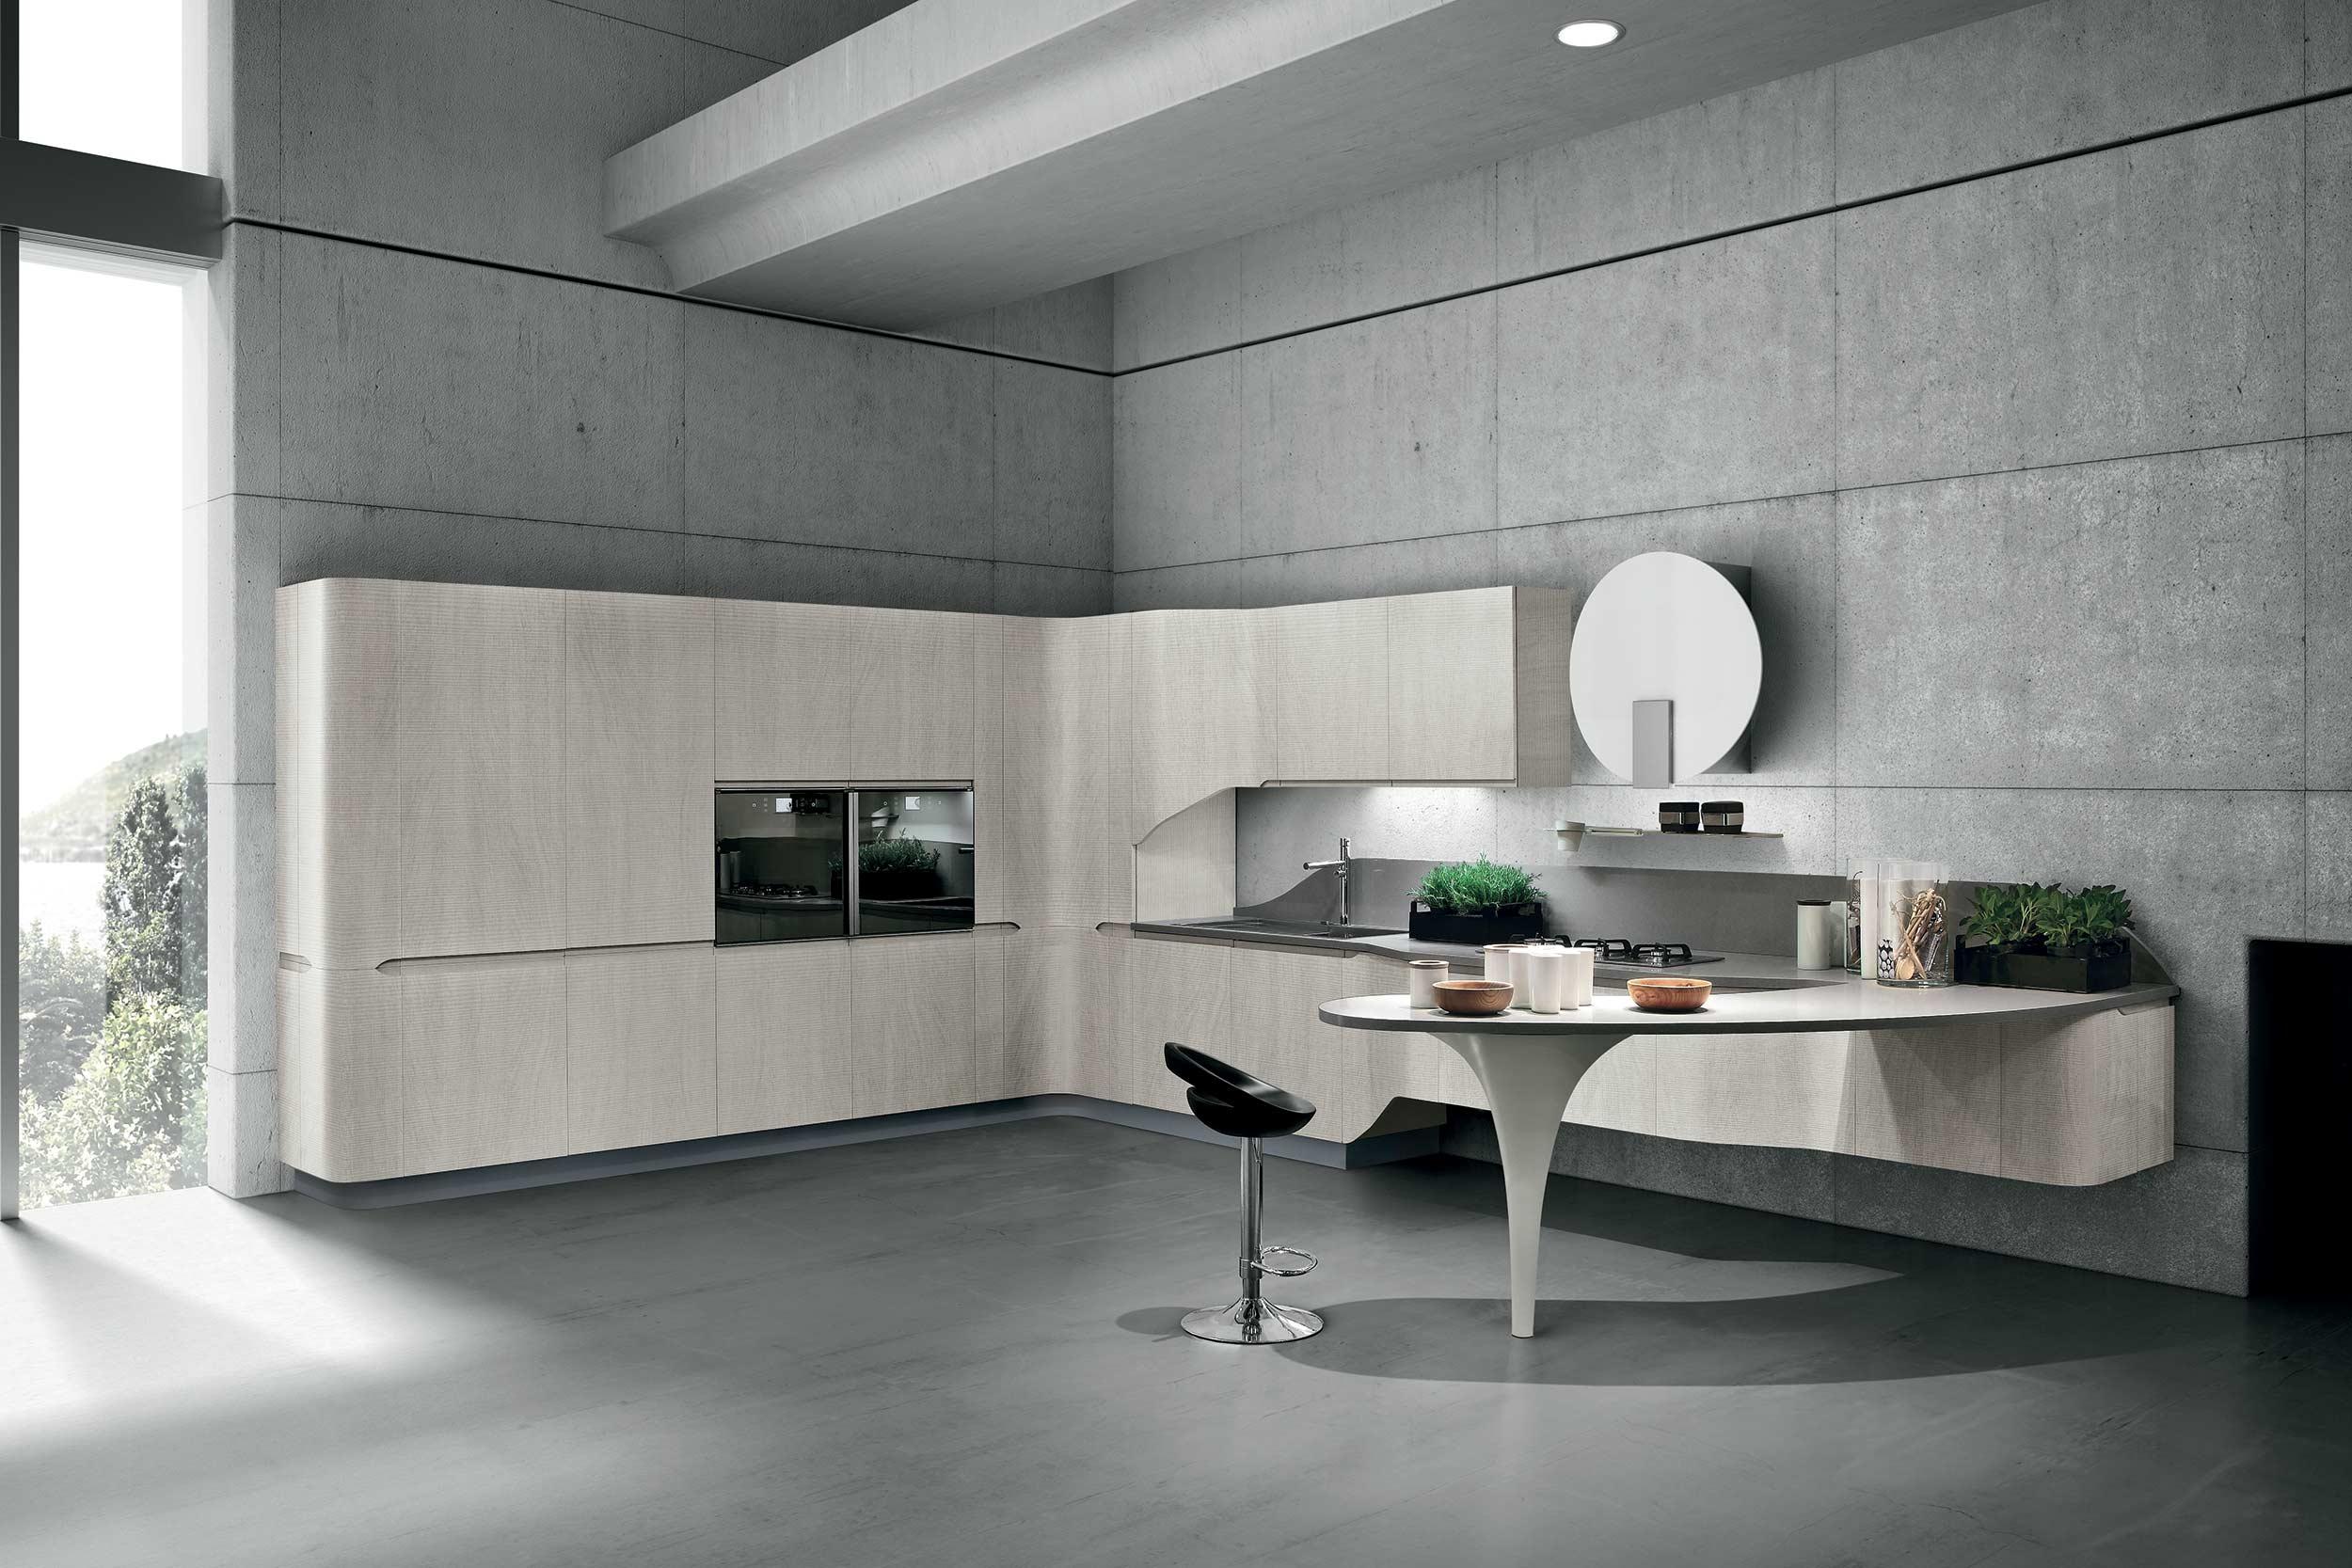 Cucina stosa bring lorenzelli arredamenti - Cucine stosa moderne ...